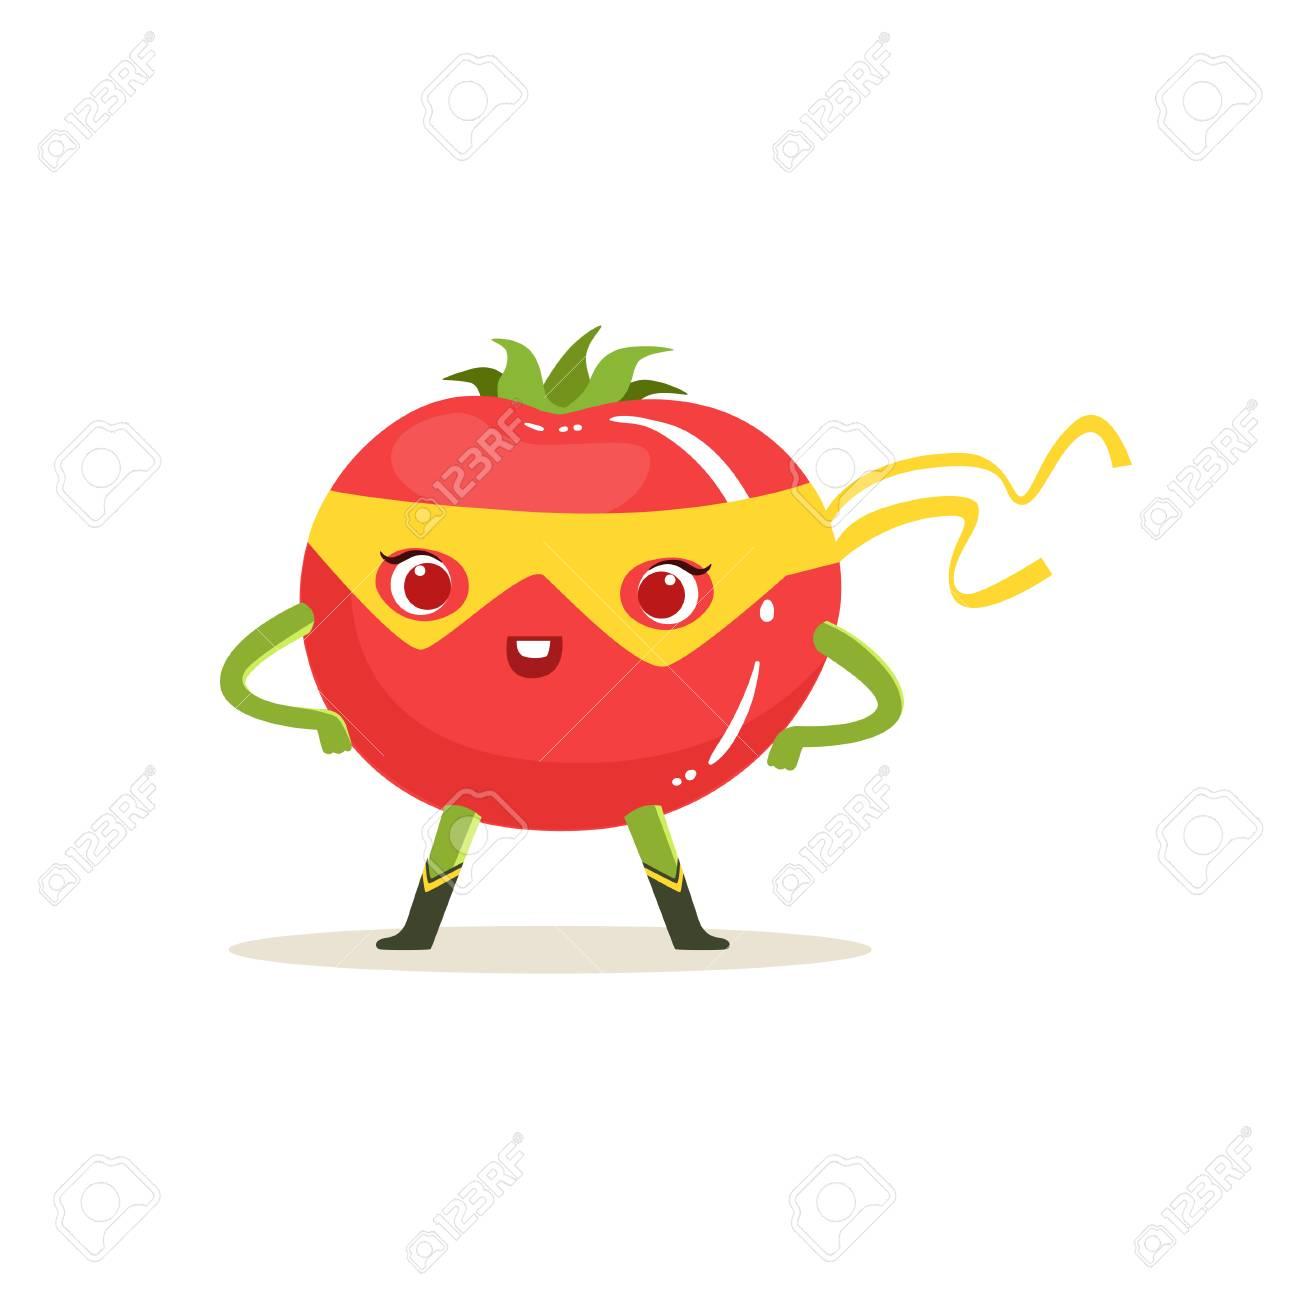 Personnage De Dessin Animé De Tomate Super-héros Avec Les Bras Akimbo Clip  Art Libres De Droits , Vecteurs Et Illustration. Image 88088786.